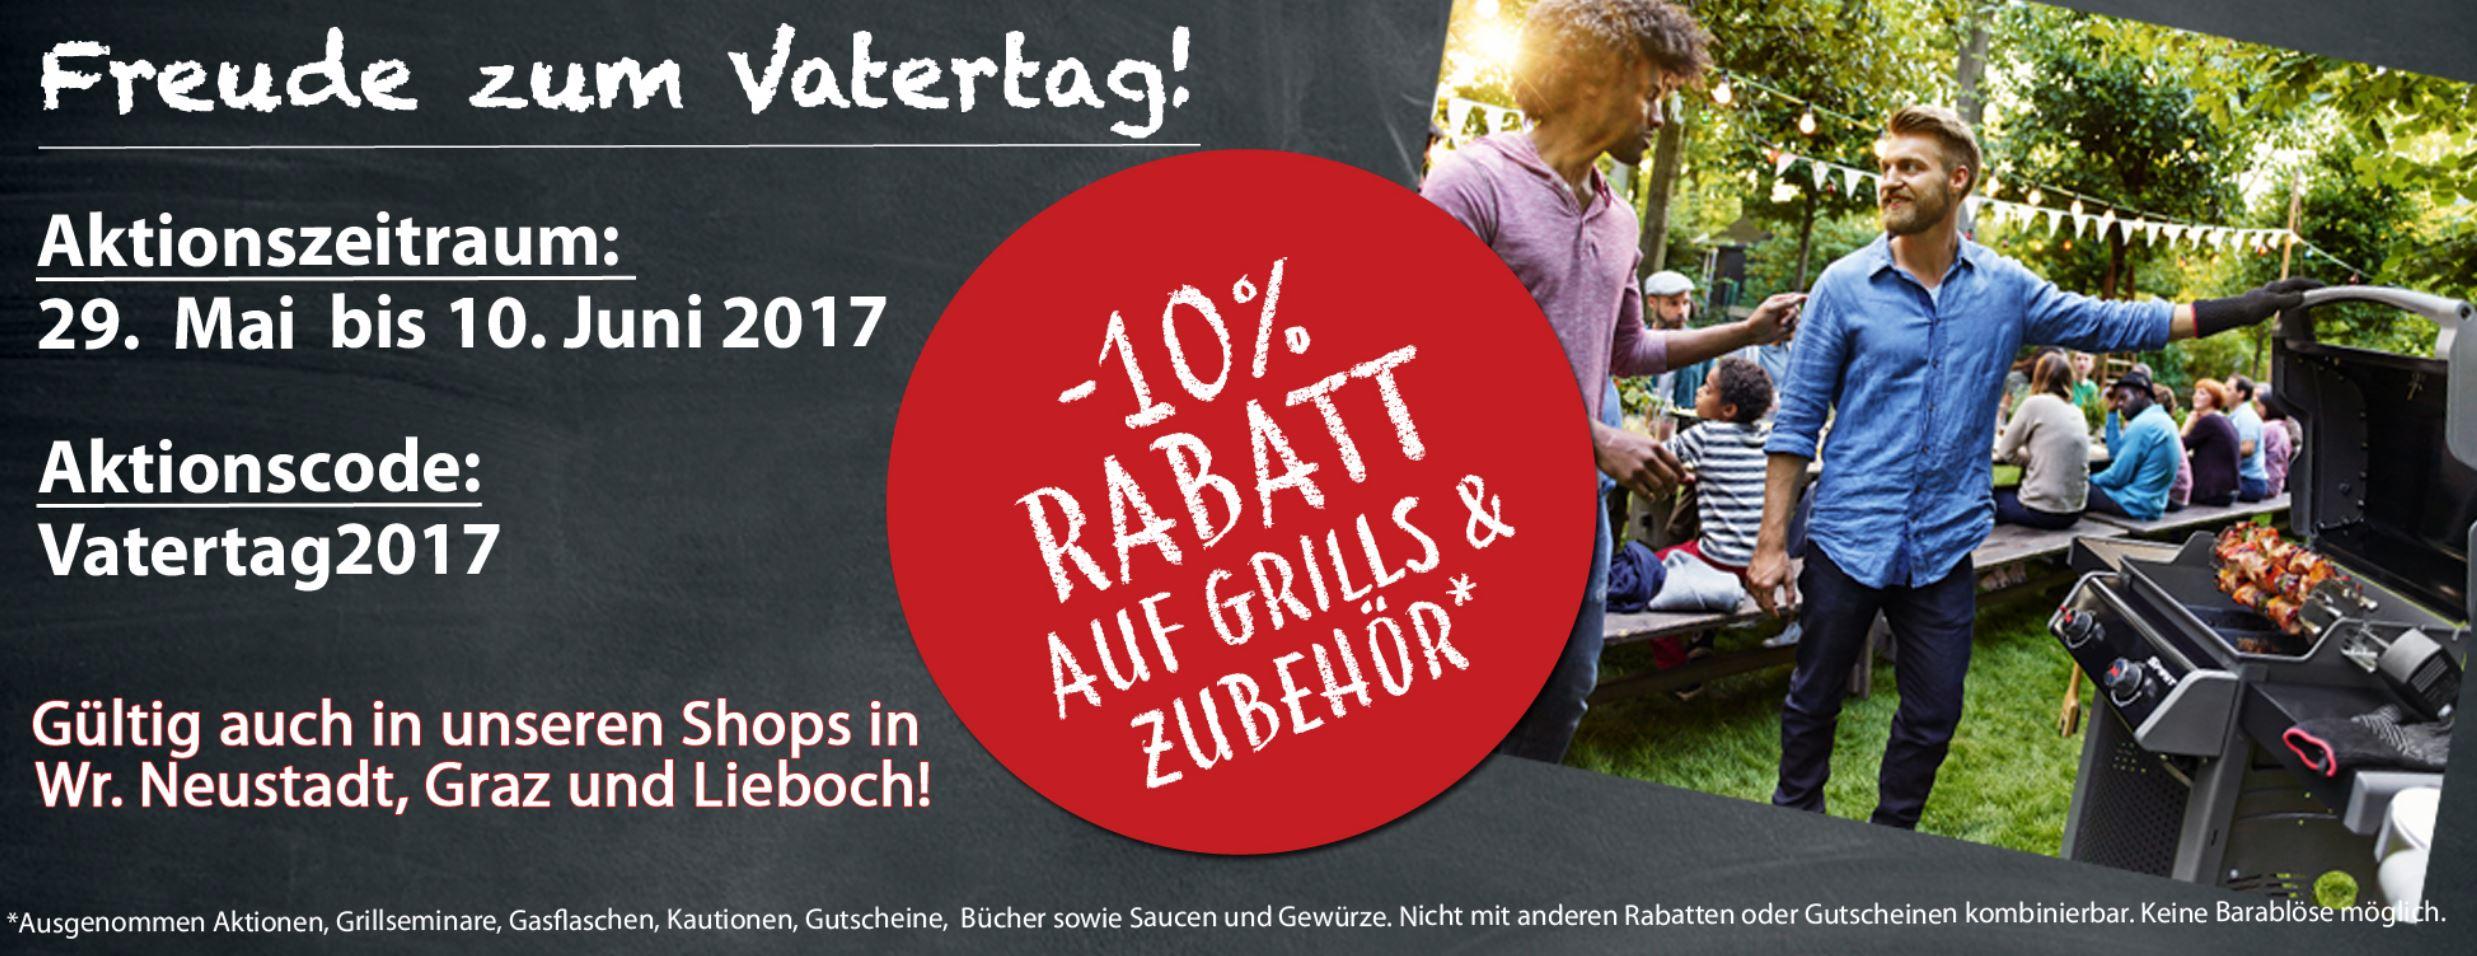 [griller-shop.at] 10% Rabatt auf Grills & Zubehör [Sammelthread Griller]